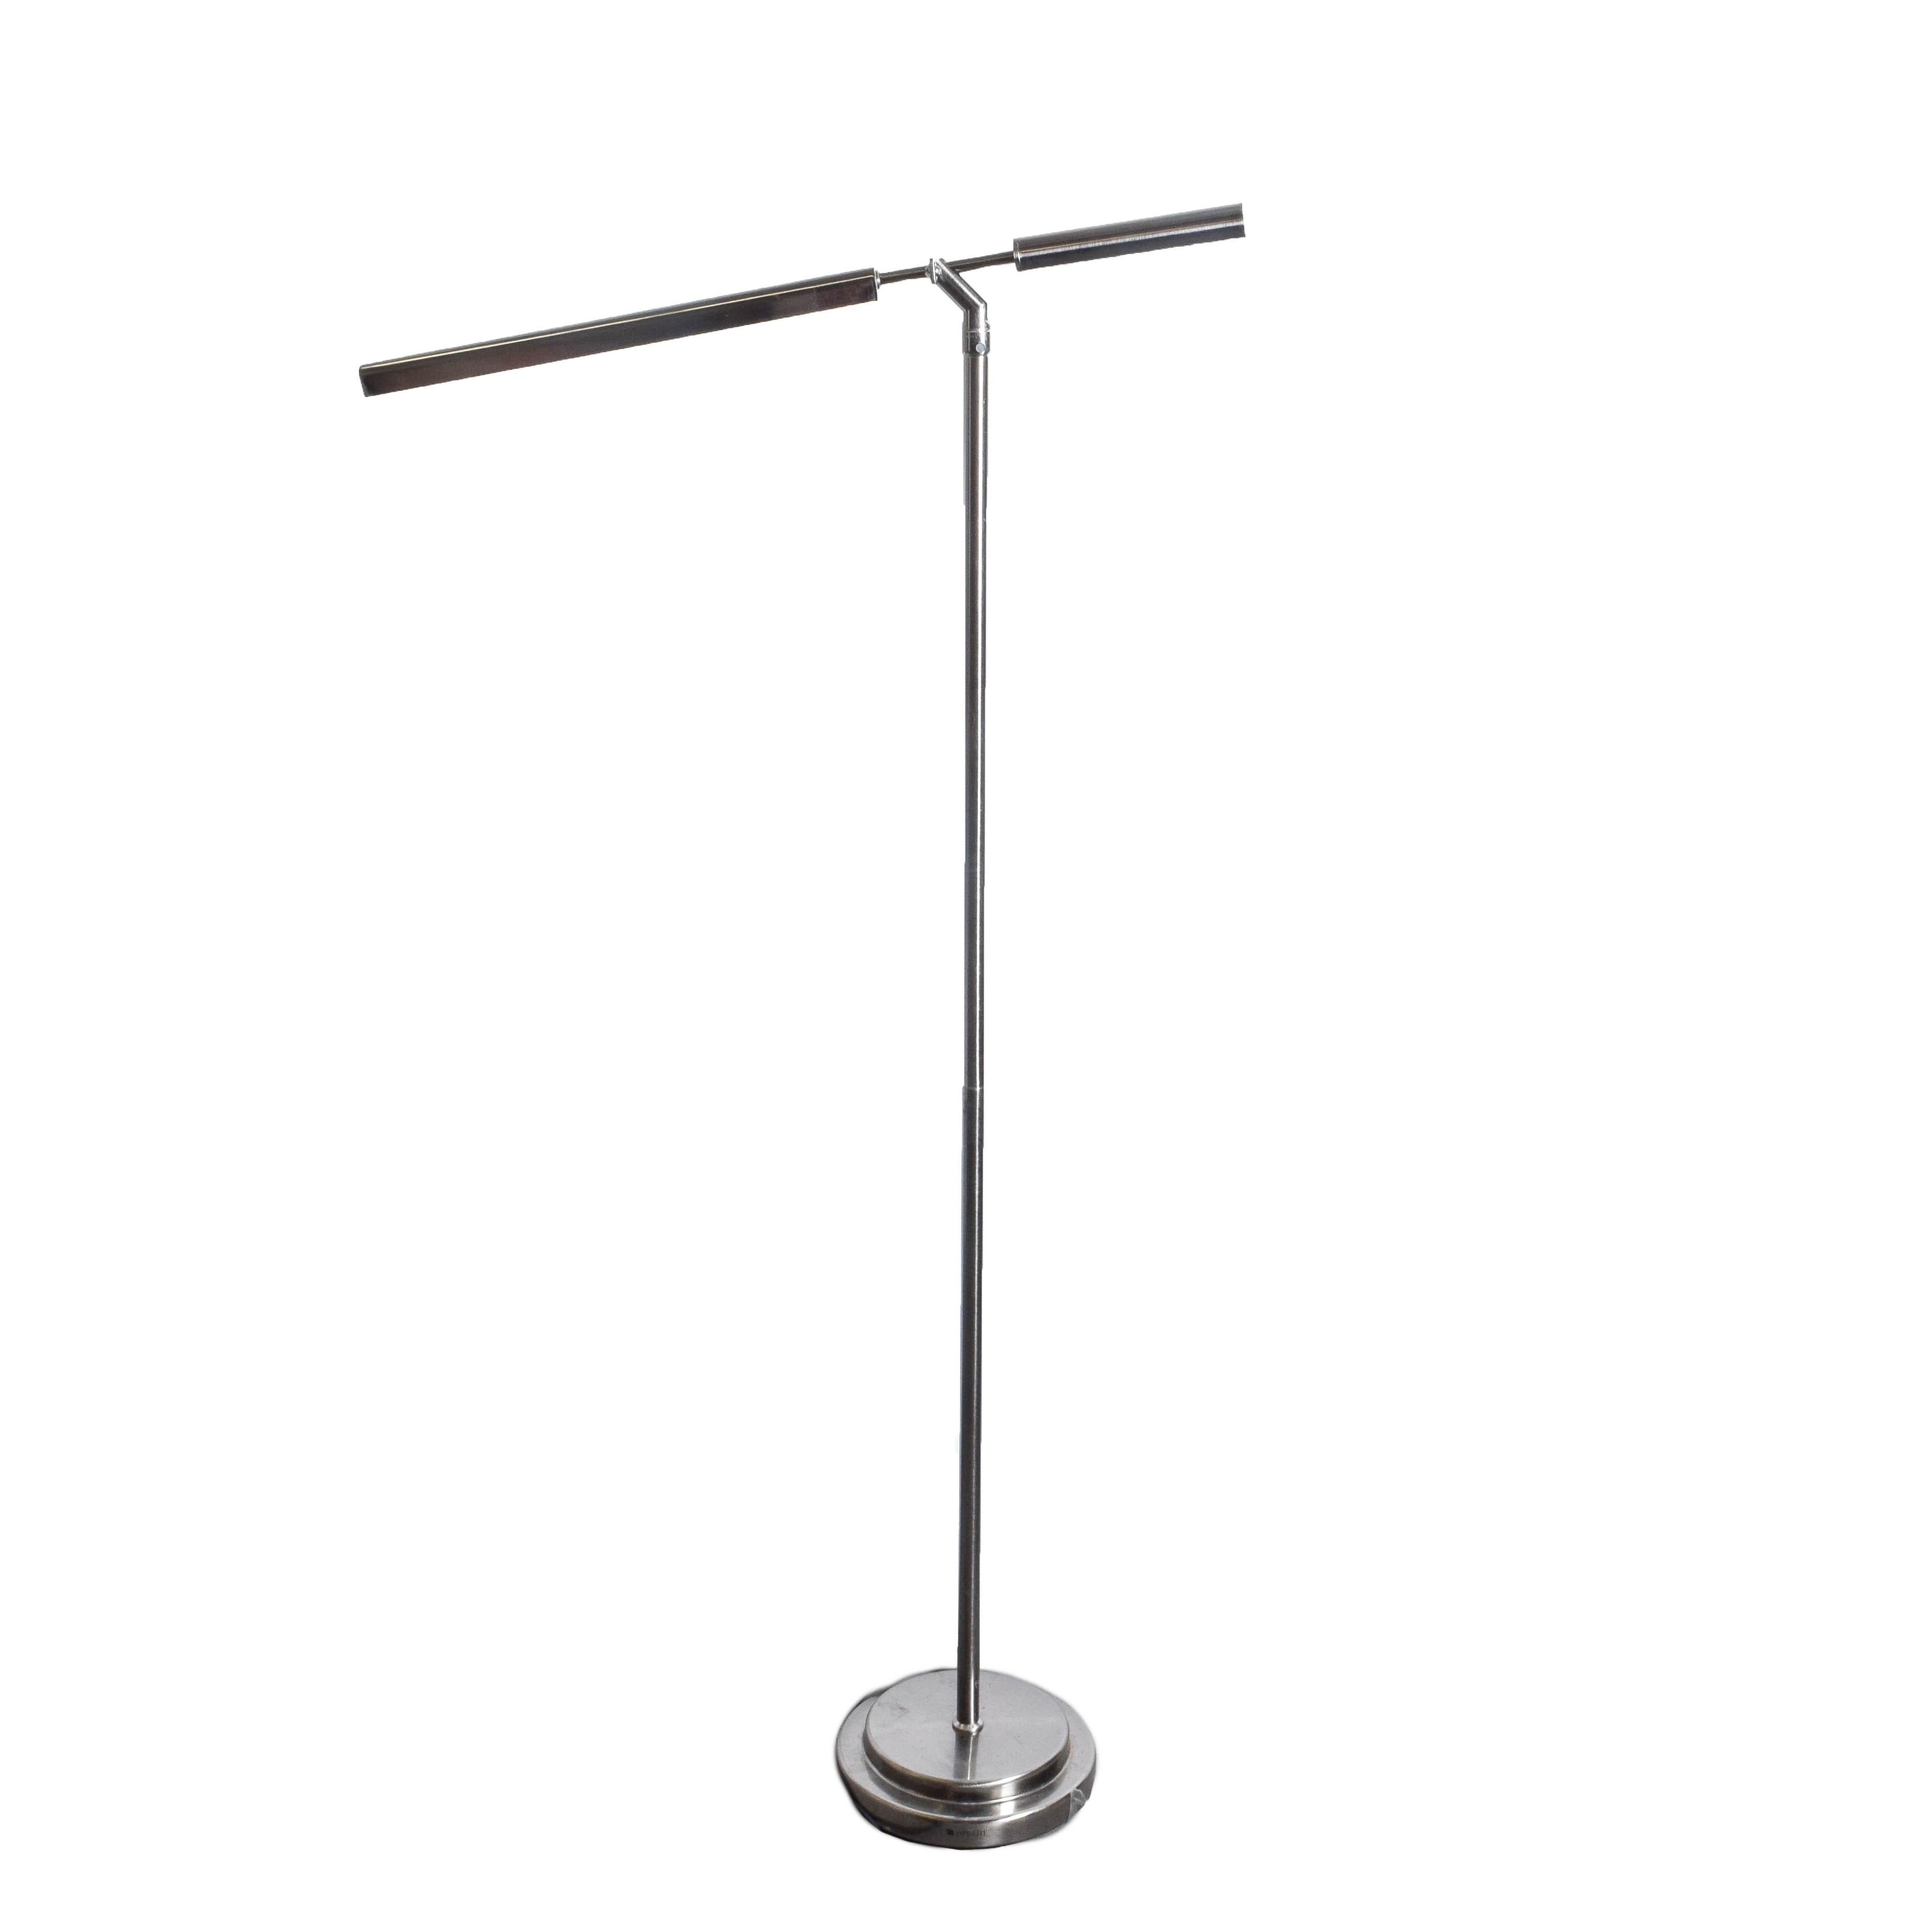 Modern Chrome Floor Lamp by Ott-Lite